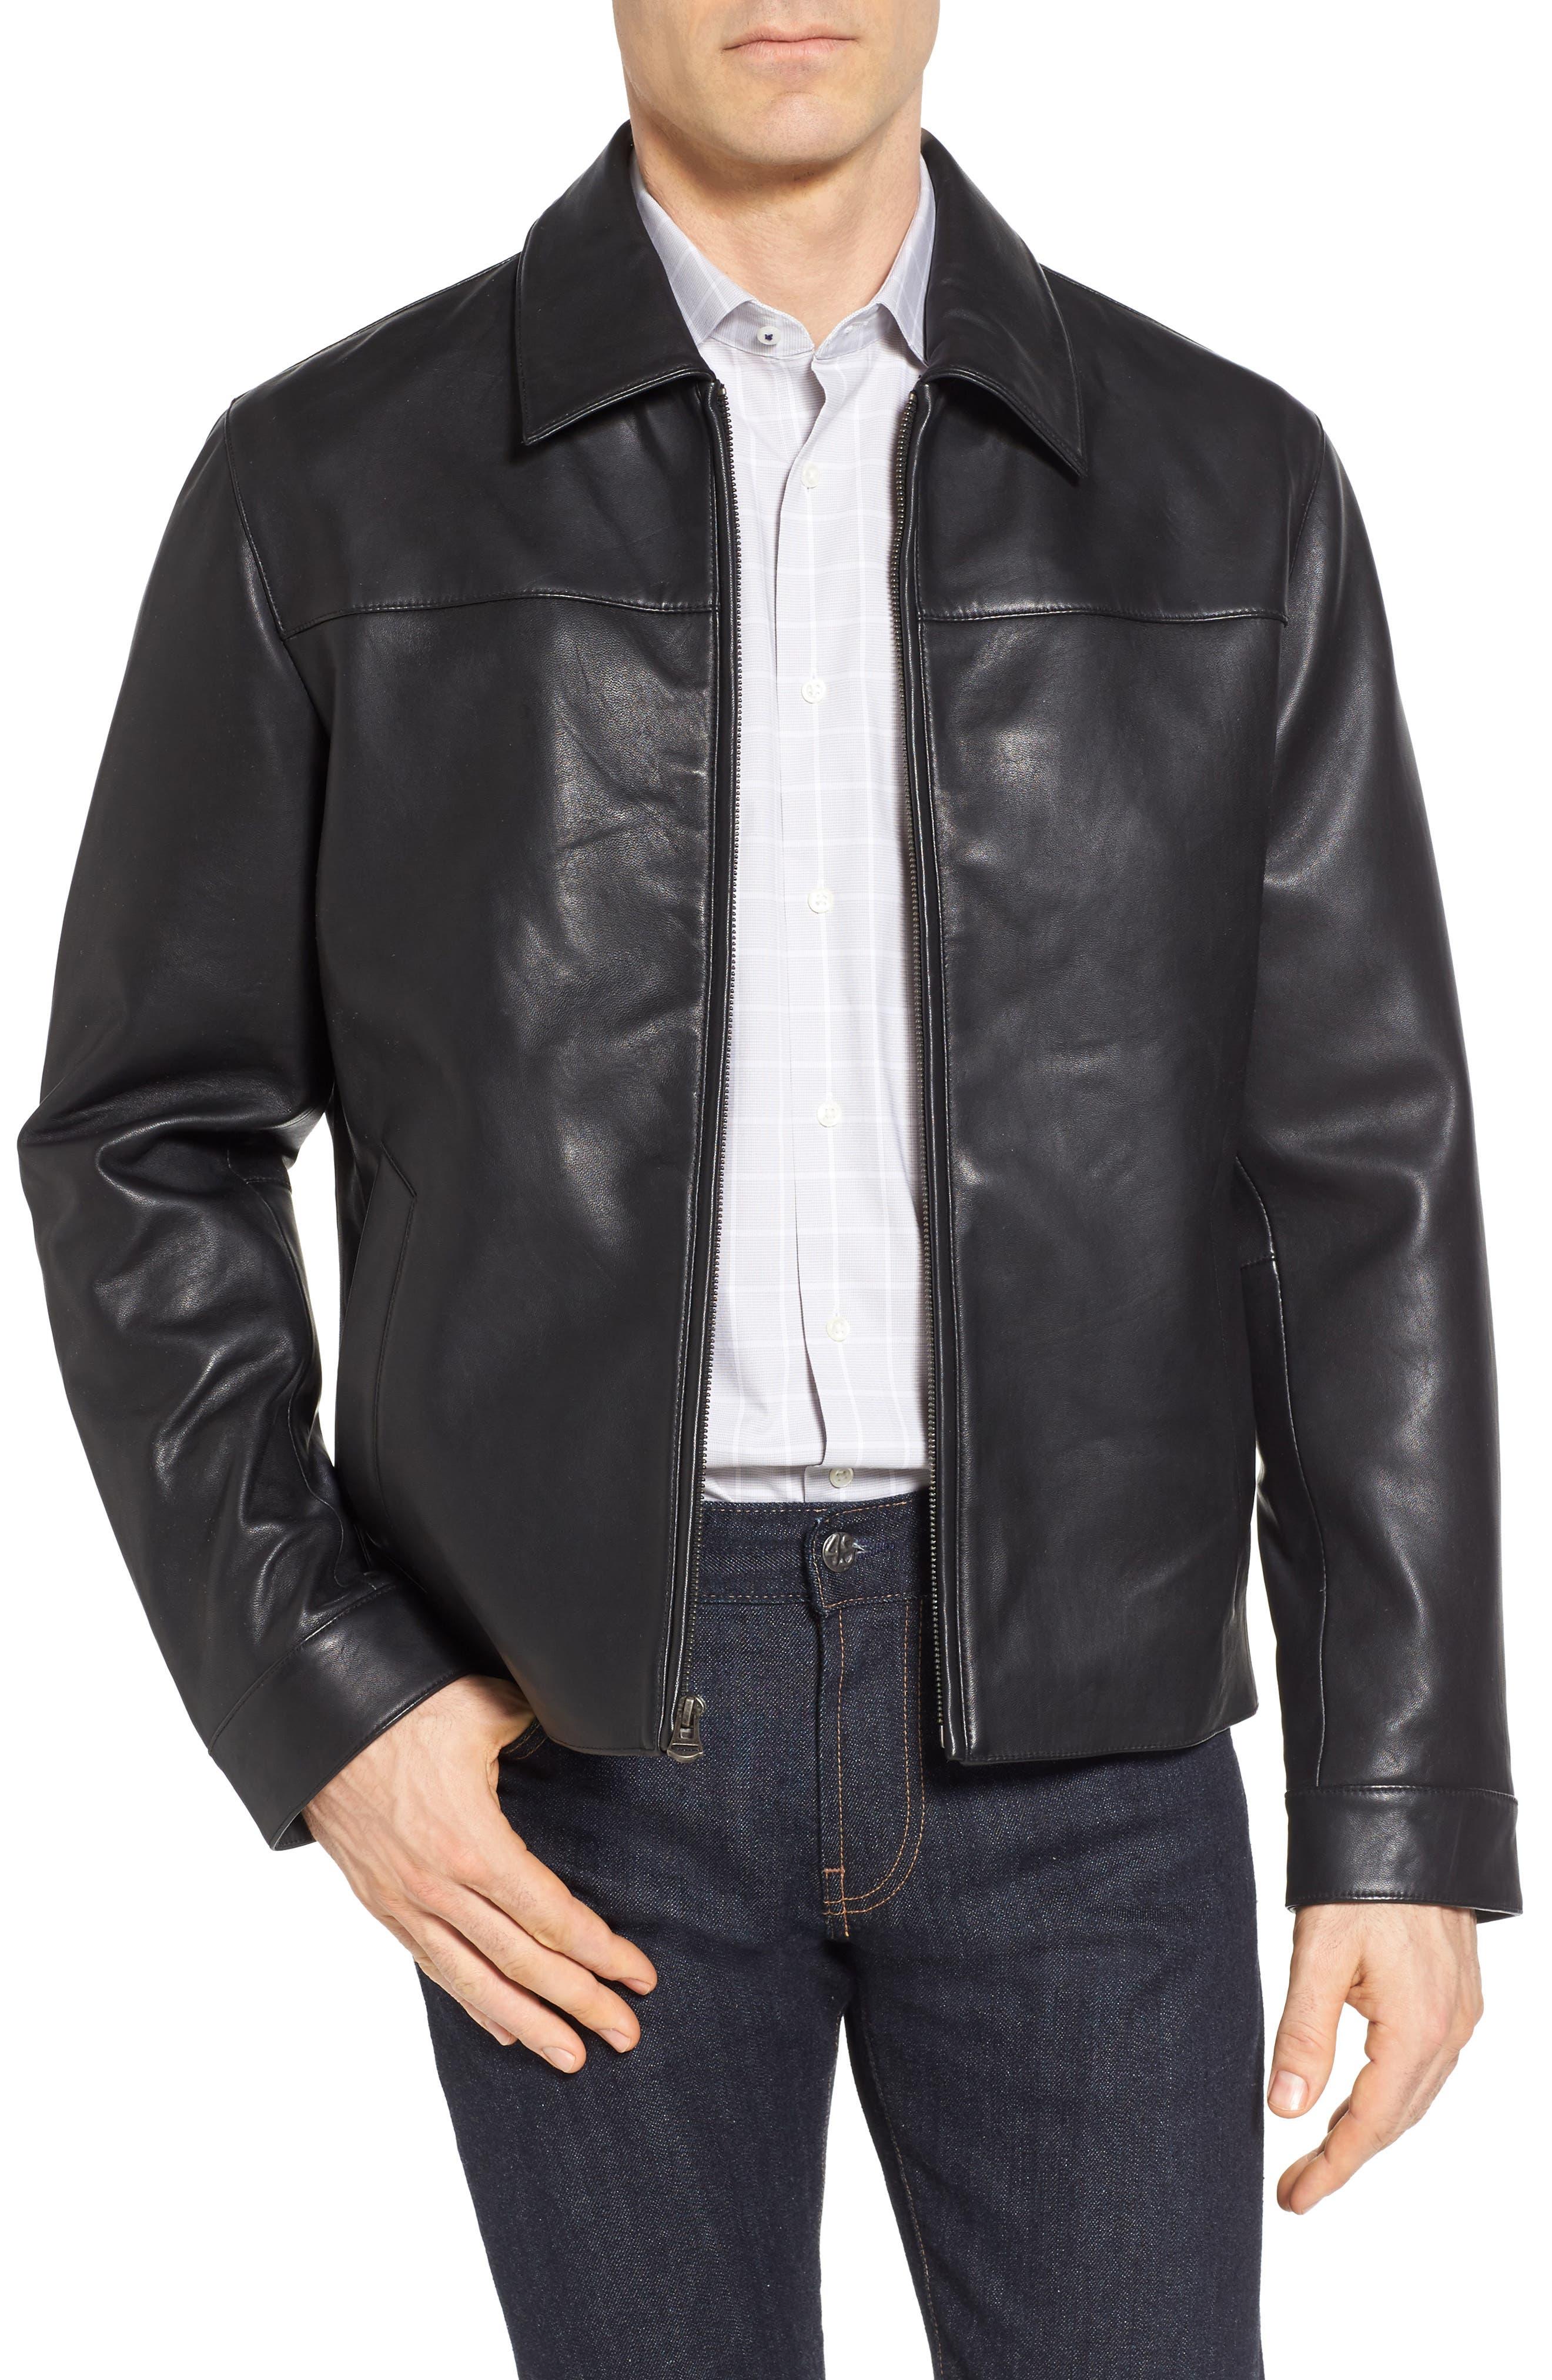 Regular Fit Leather Jacket,                         Main,                         color, BLACK